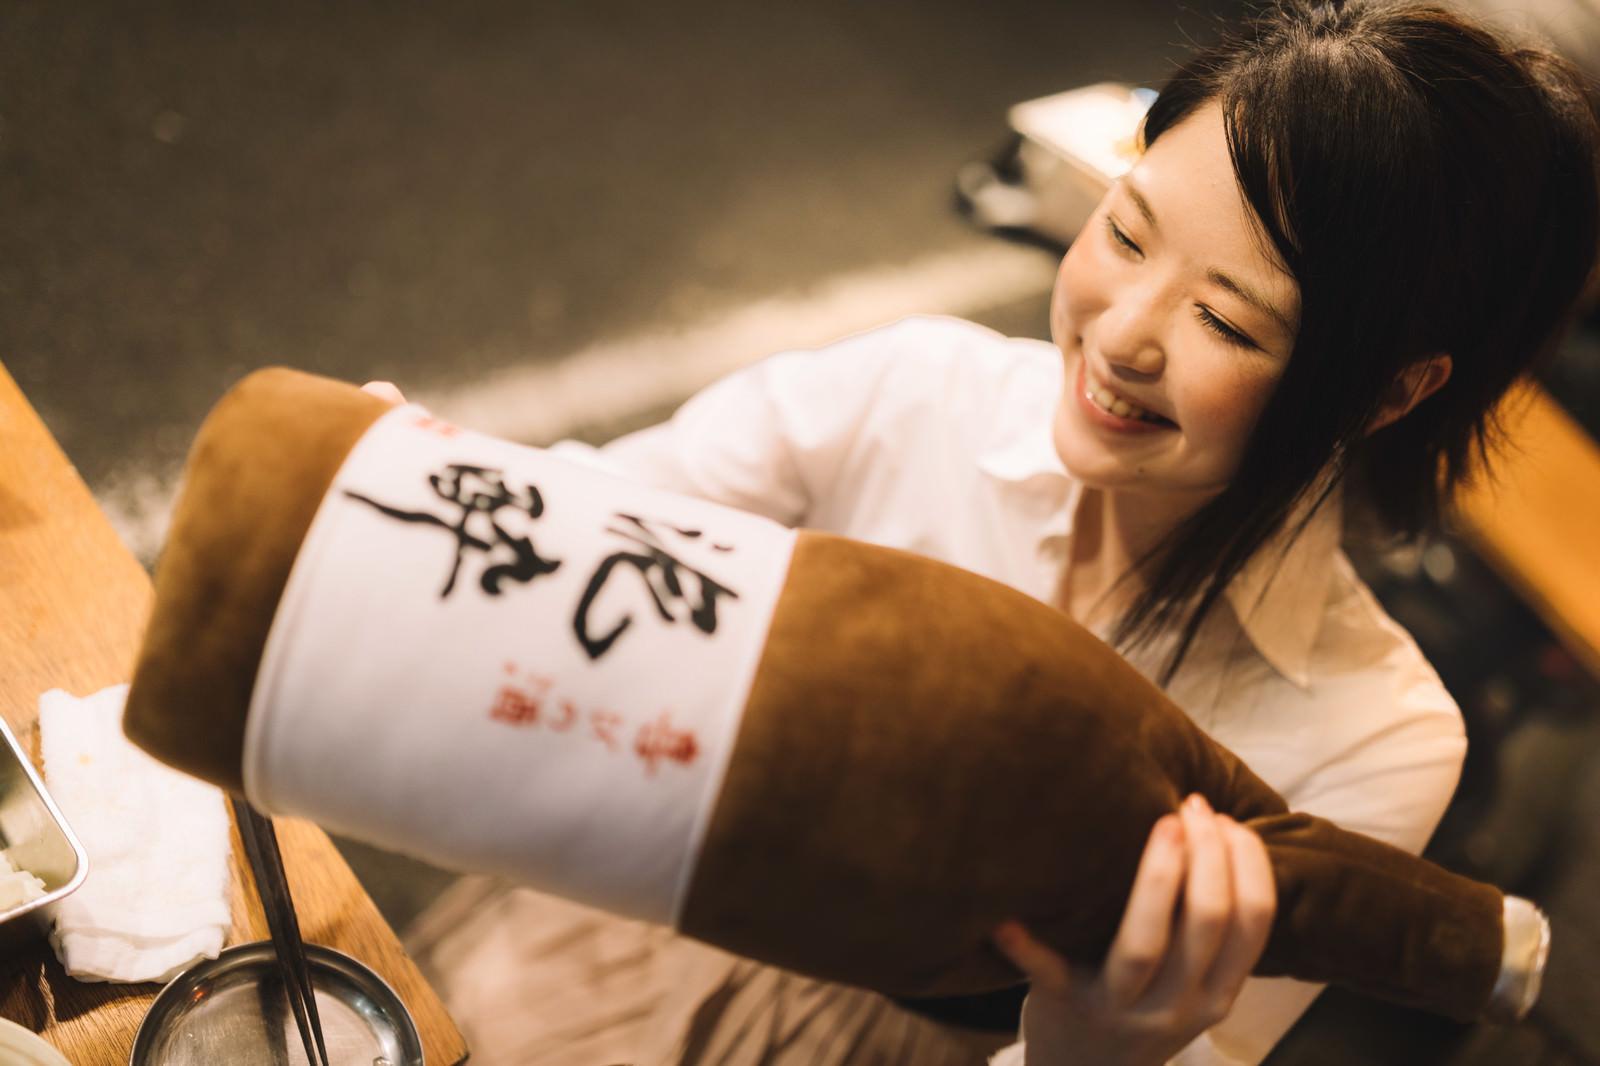 「「泥酔」と書かれた一升瓶の抱き枕をプレゼントされる女性 | 写真の無料素材・フリー素材 - ぱくたそ」の写真[モデル:シマヅ]